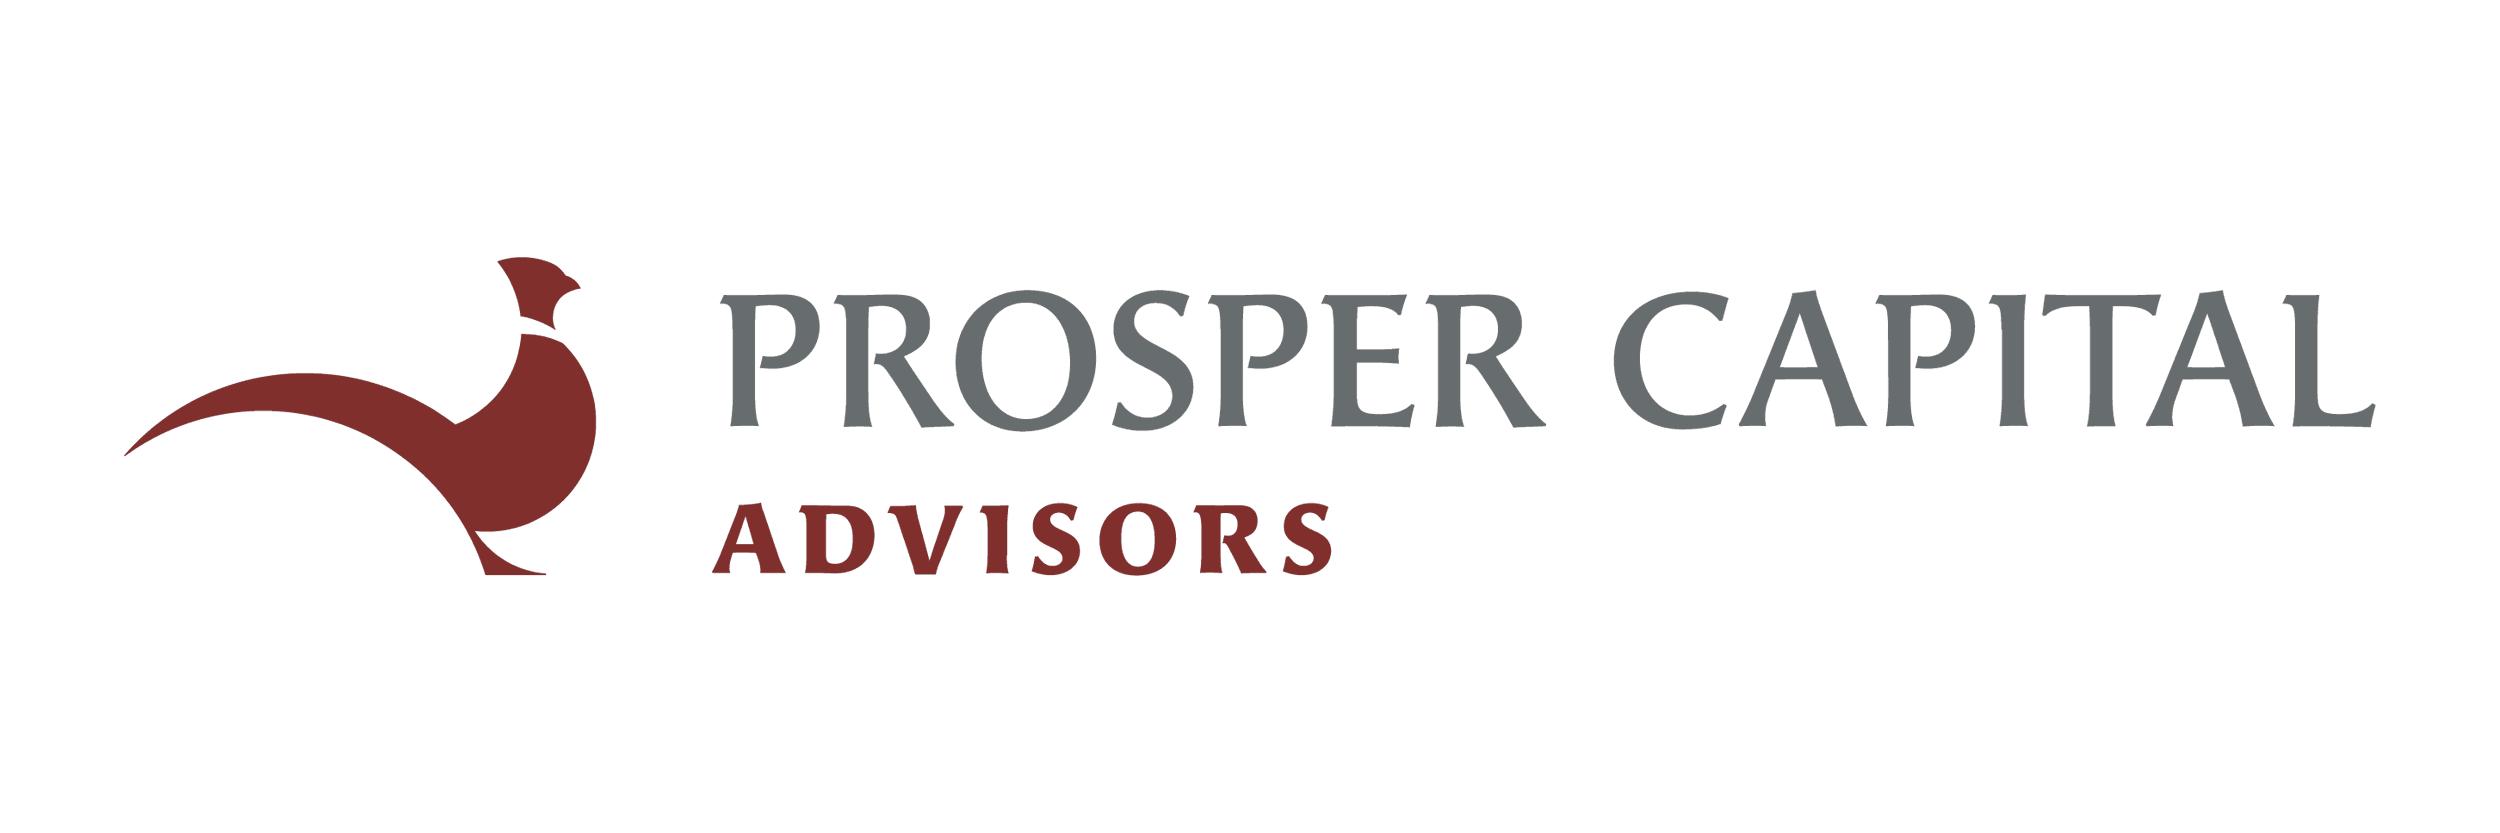 11_prosper capital